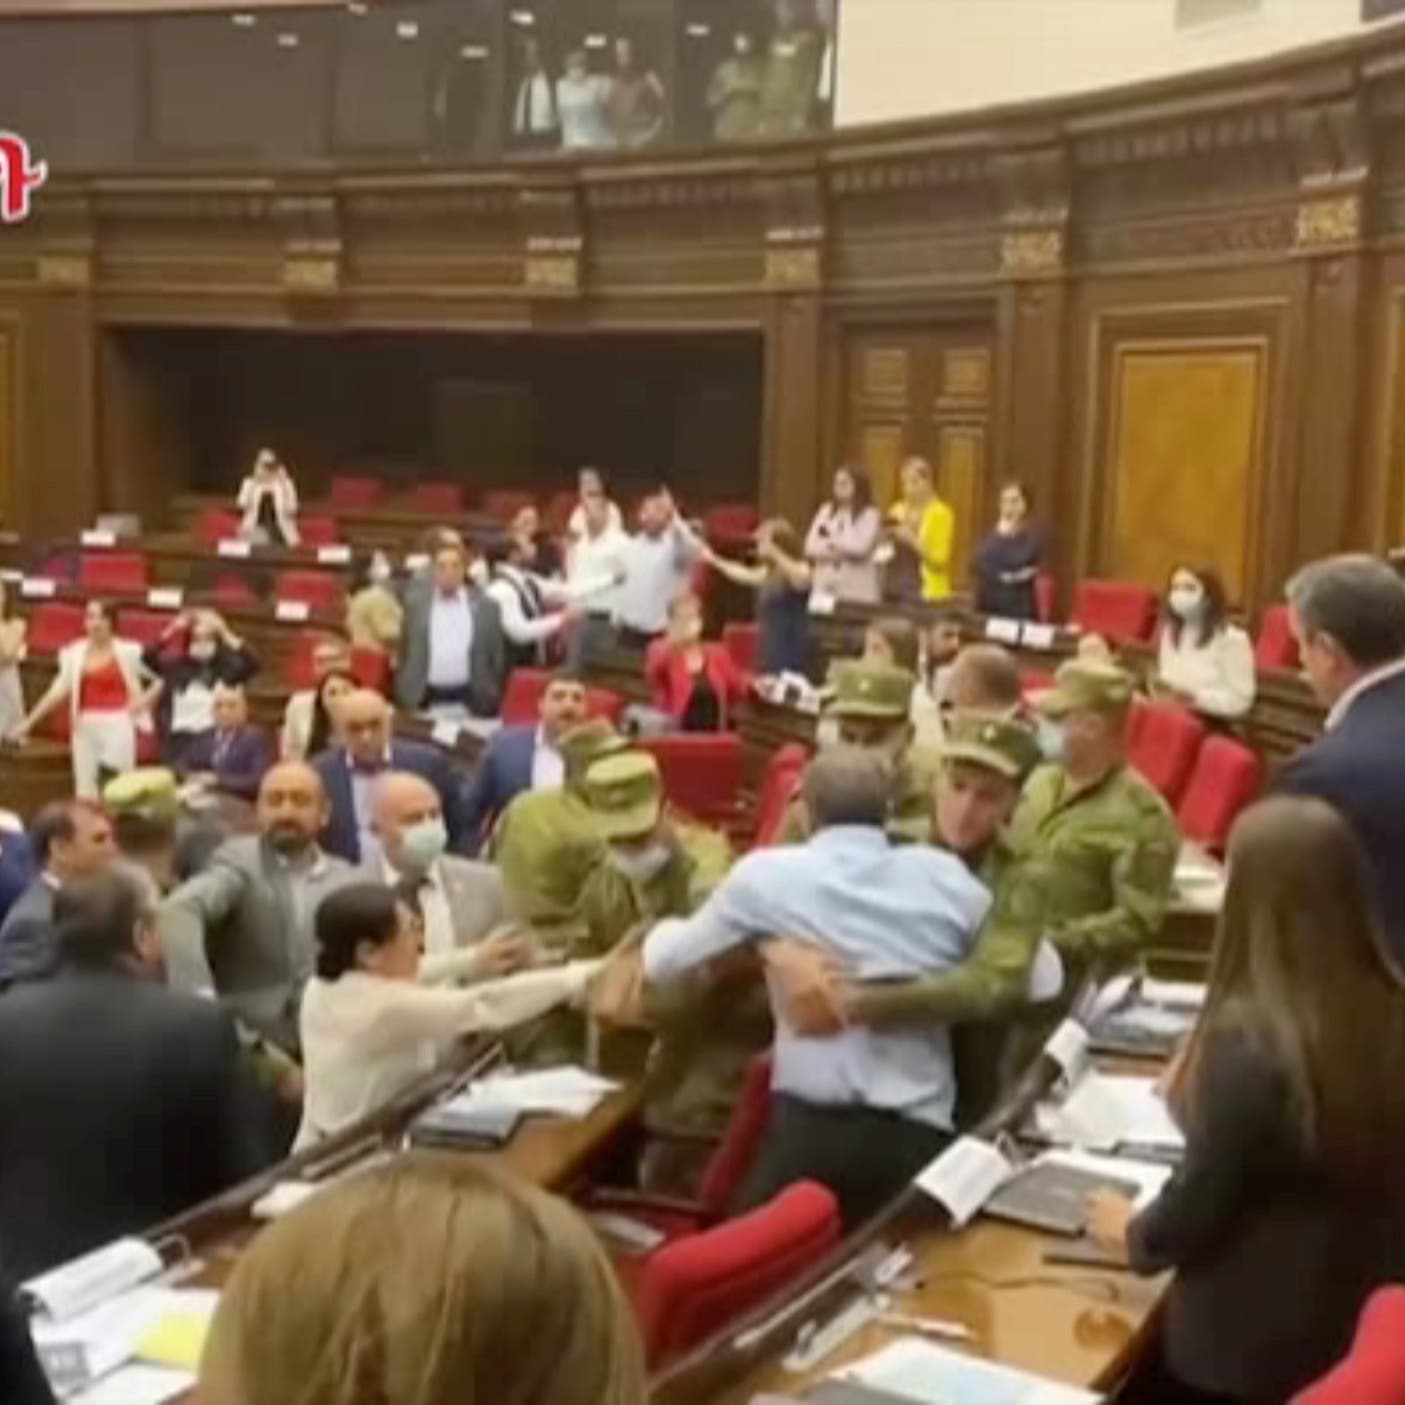 شاهد هرجا ومرجا في برلمان أرمينيا.. شتائم وعراك